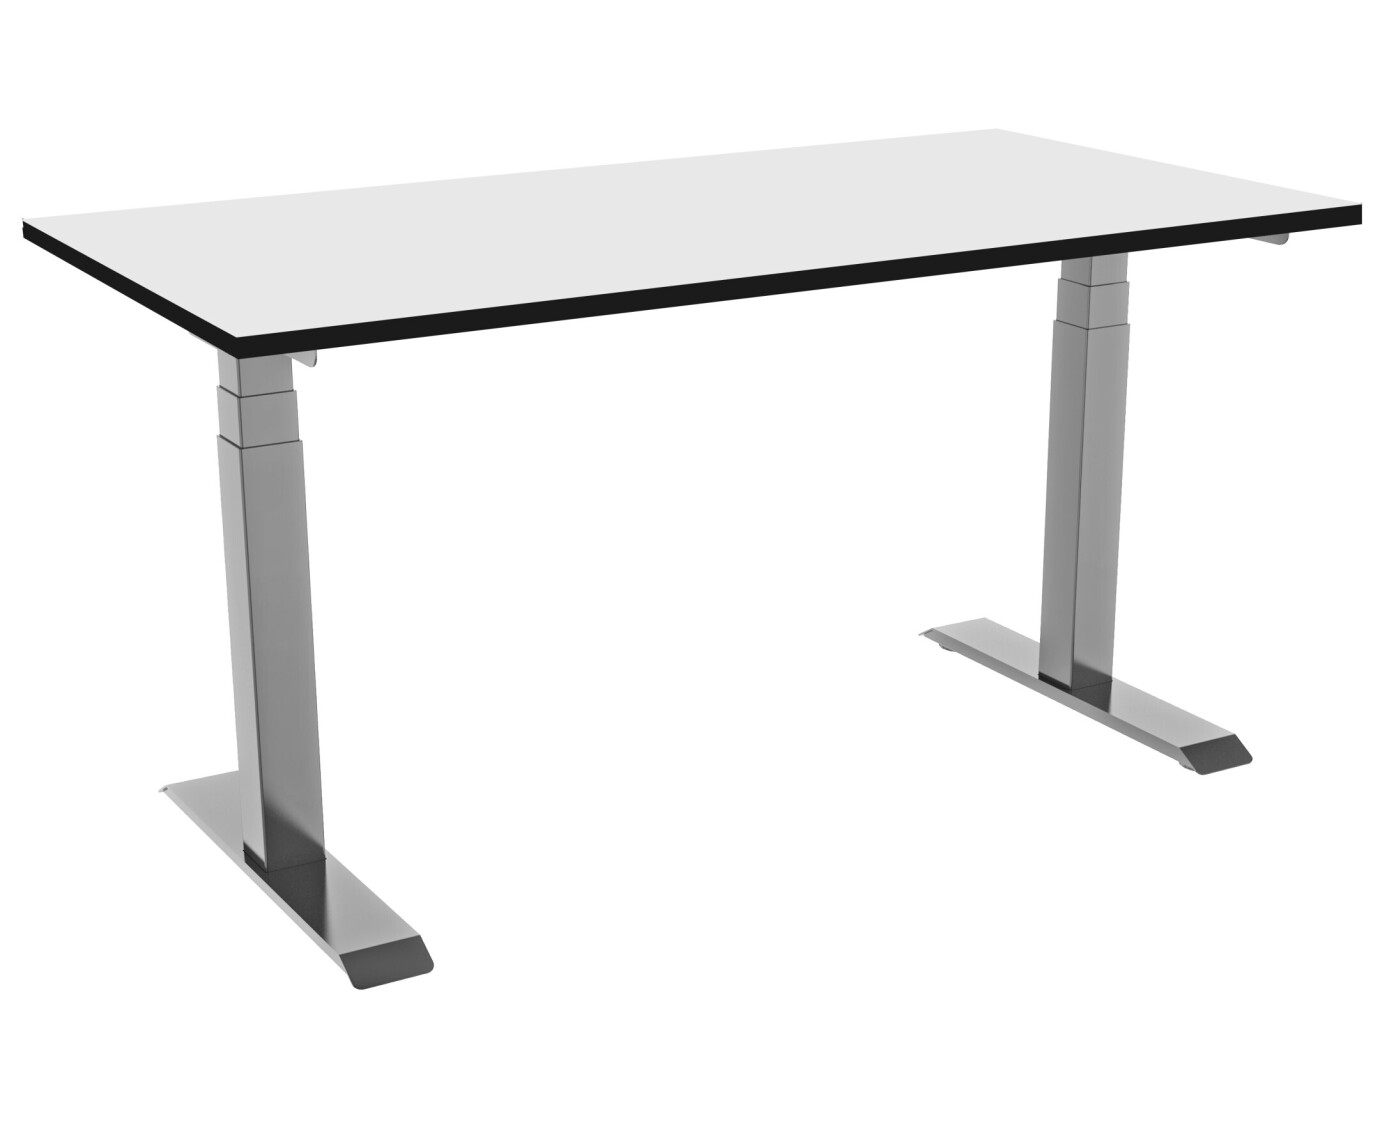 celexon elektrisch höhenverstellbarer Schreibtisch Professional eAdjust-58123 - grau, inkl. HPL Tischplatte 150 x 75 cm